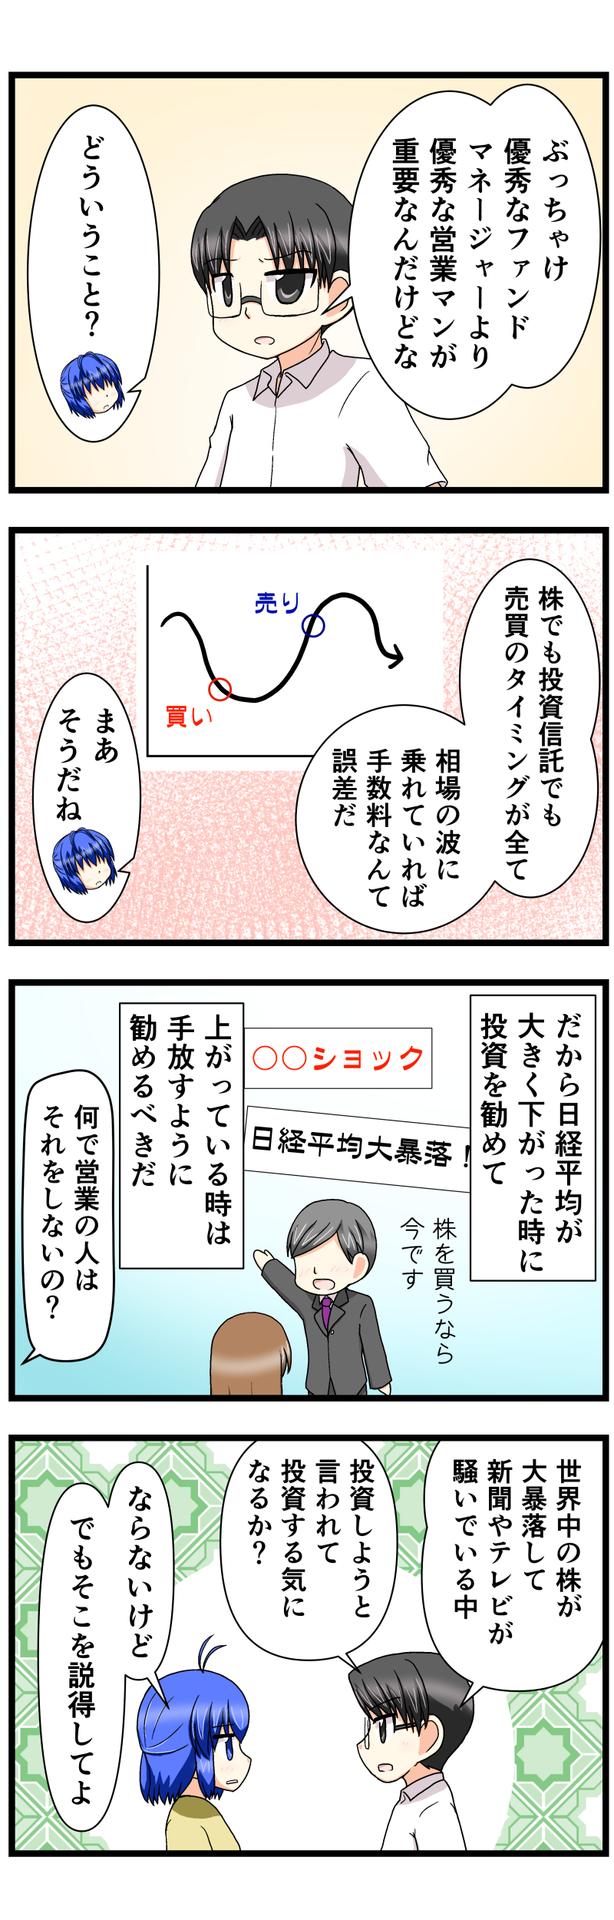 萌える株セミナー106.jpg